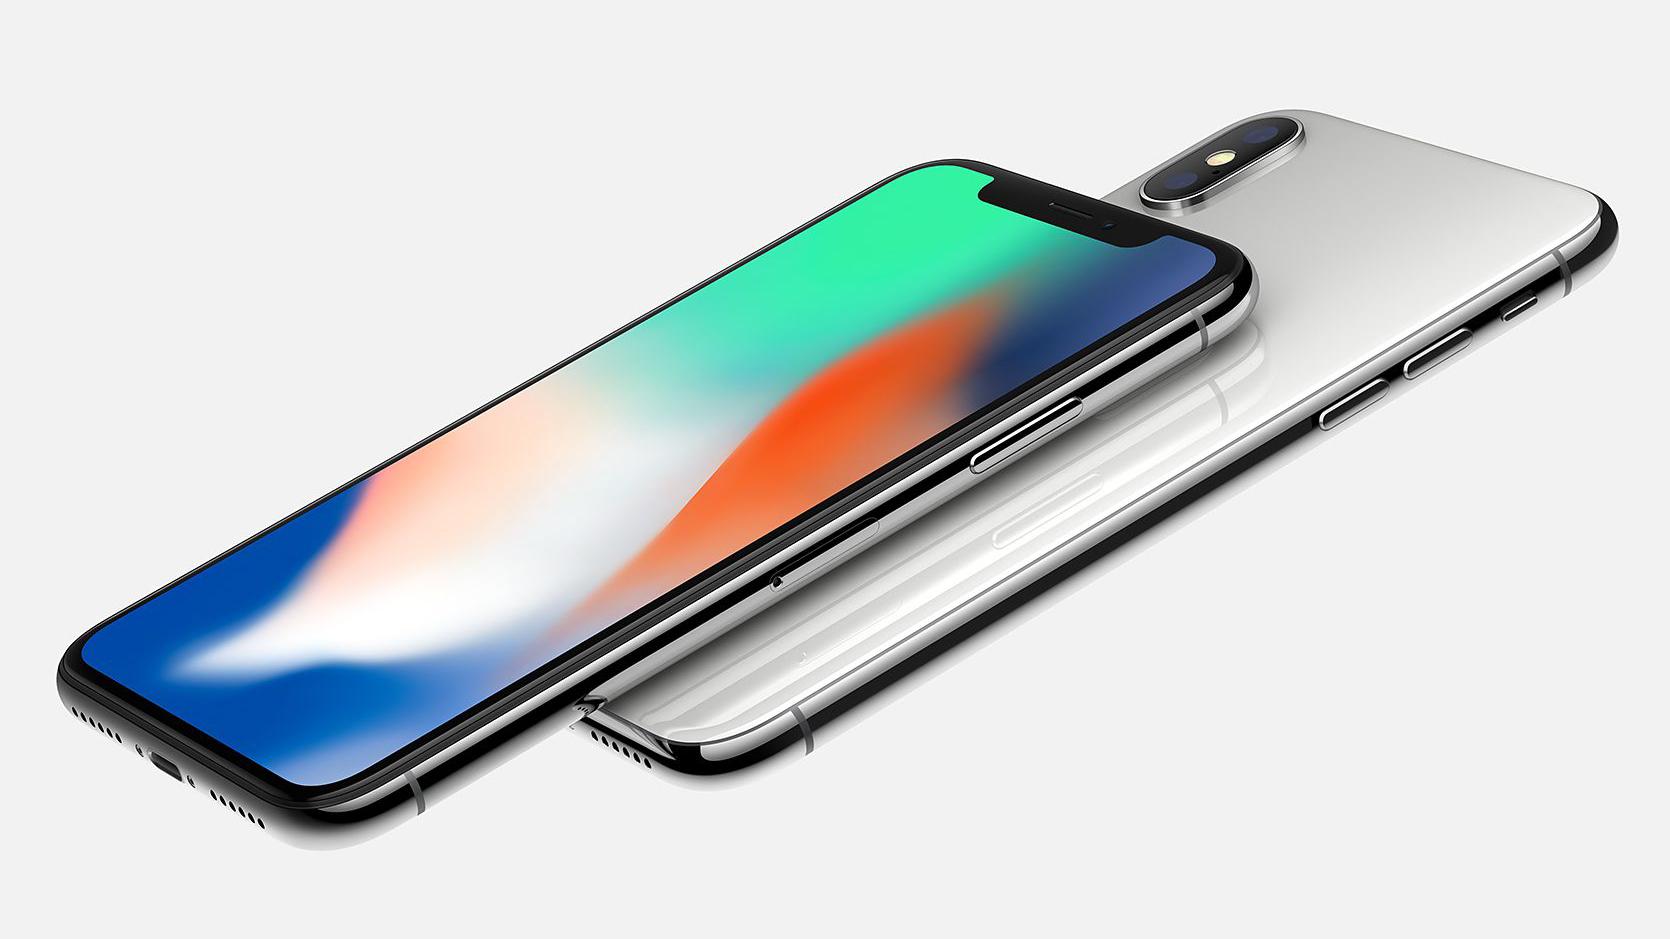 Marjele de profit ale Apple cu iPhone X nu mai sunt la fel de mari ca inainte